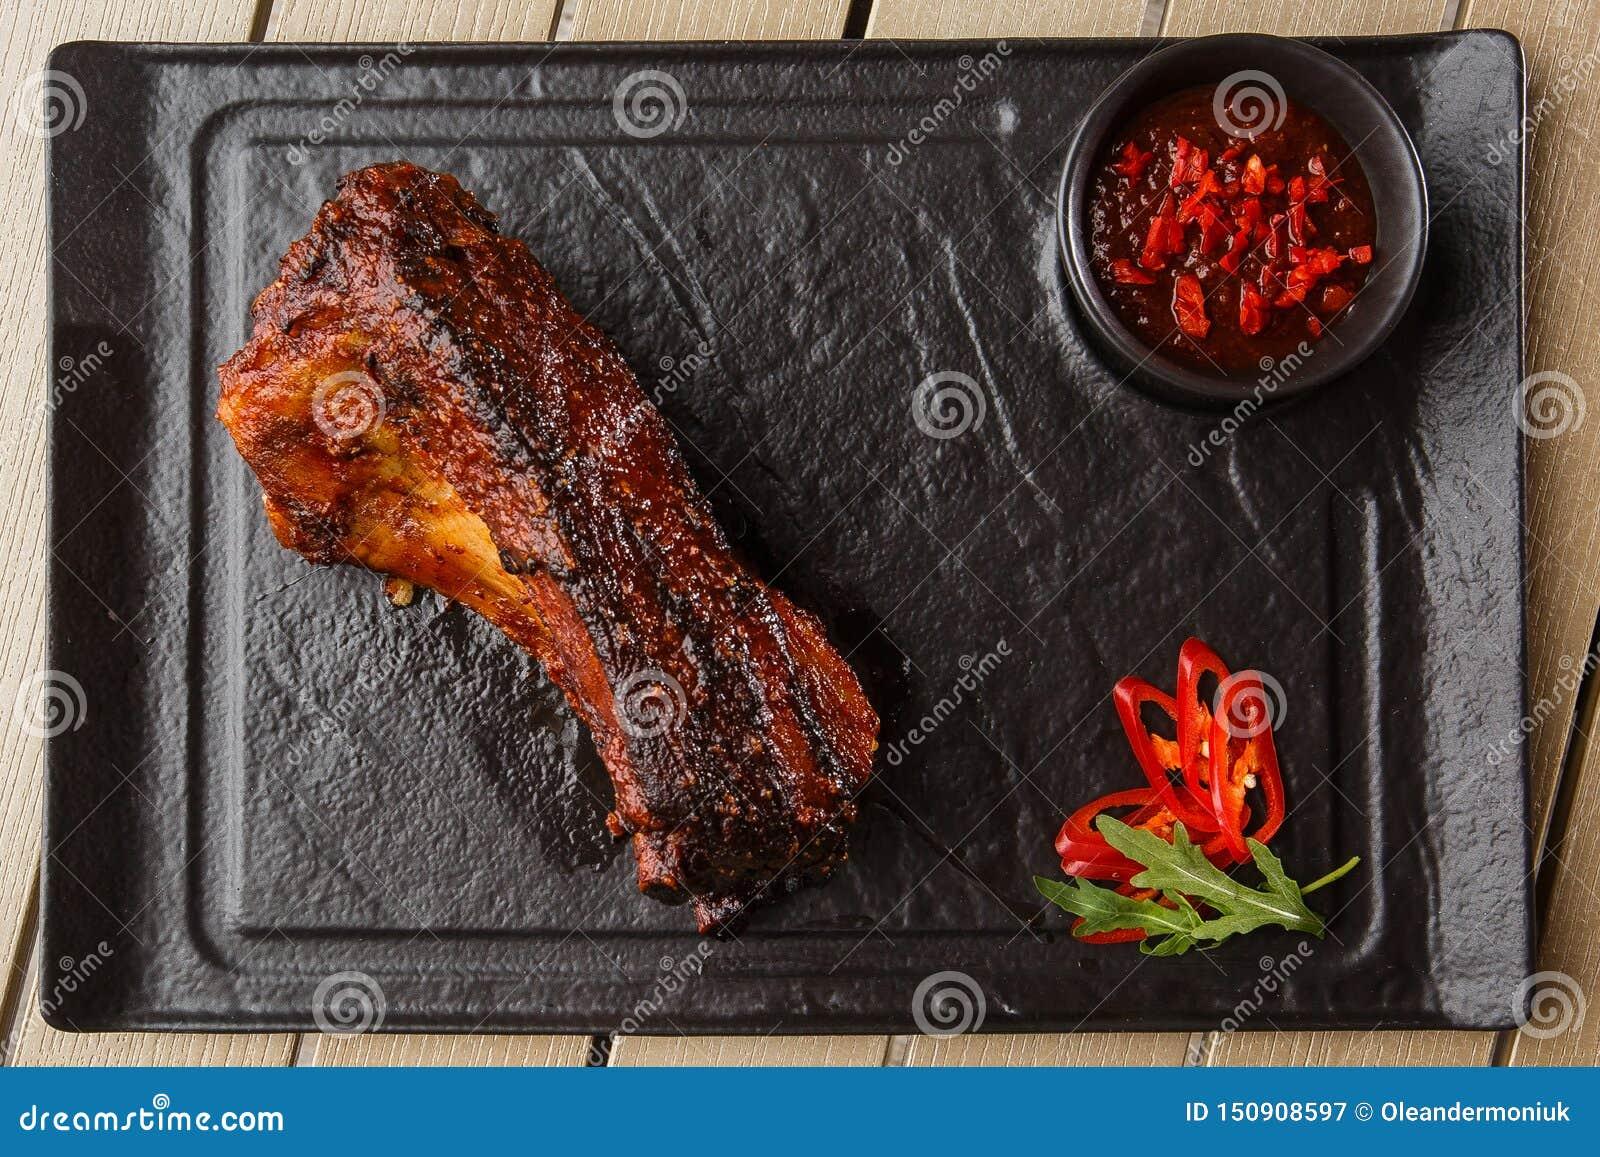 Grillade och varma grisköttstöd för grillfest med peppar för varm chili och varm sås på svartstenbakgrund isolerat Besegra för